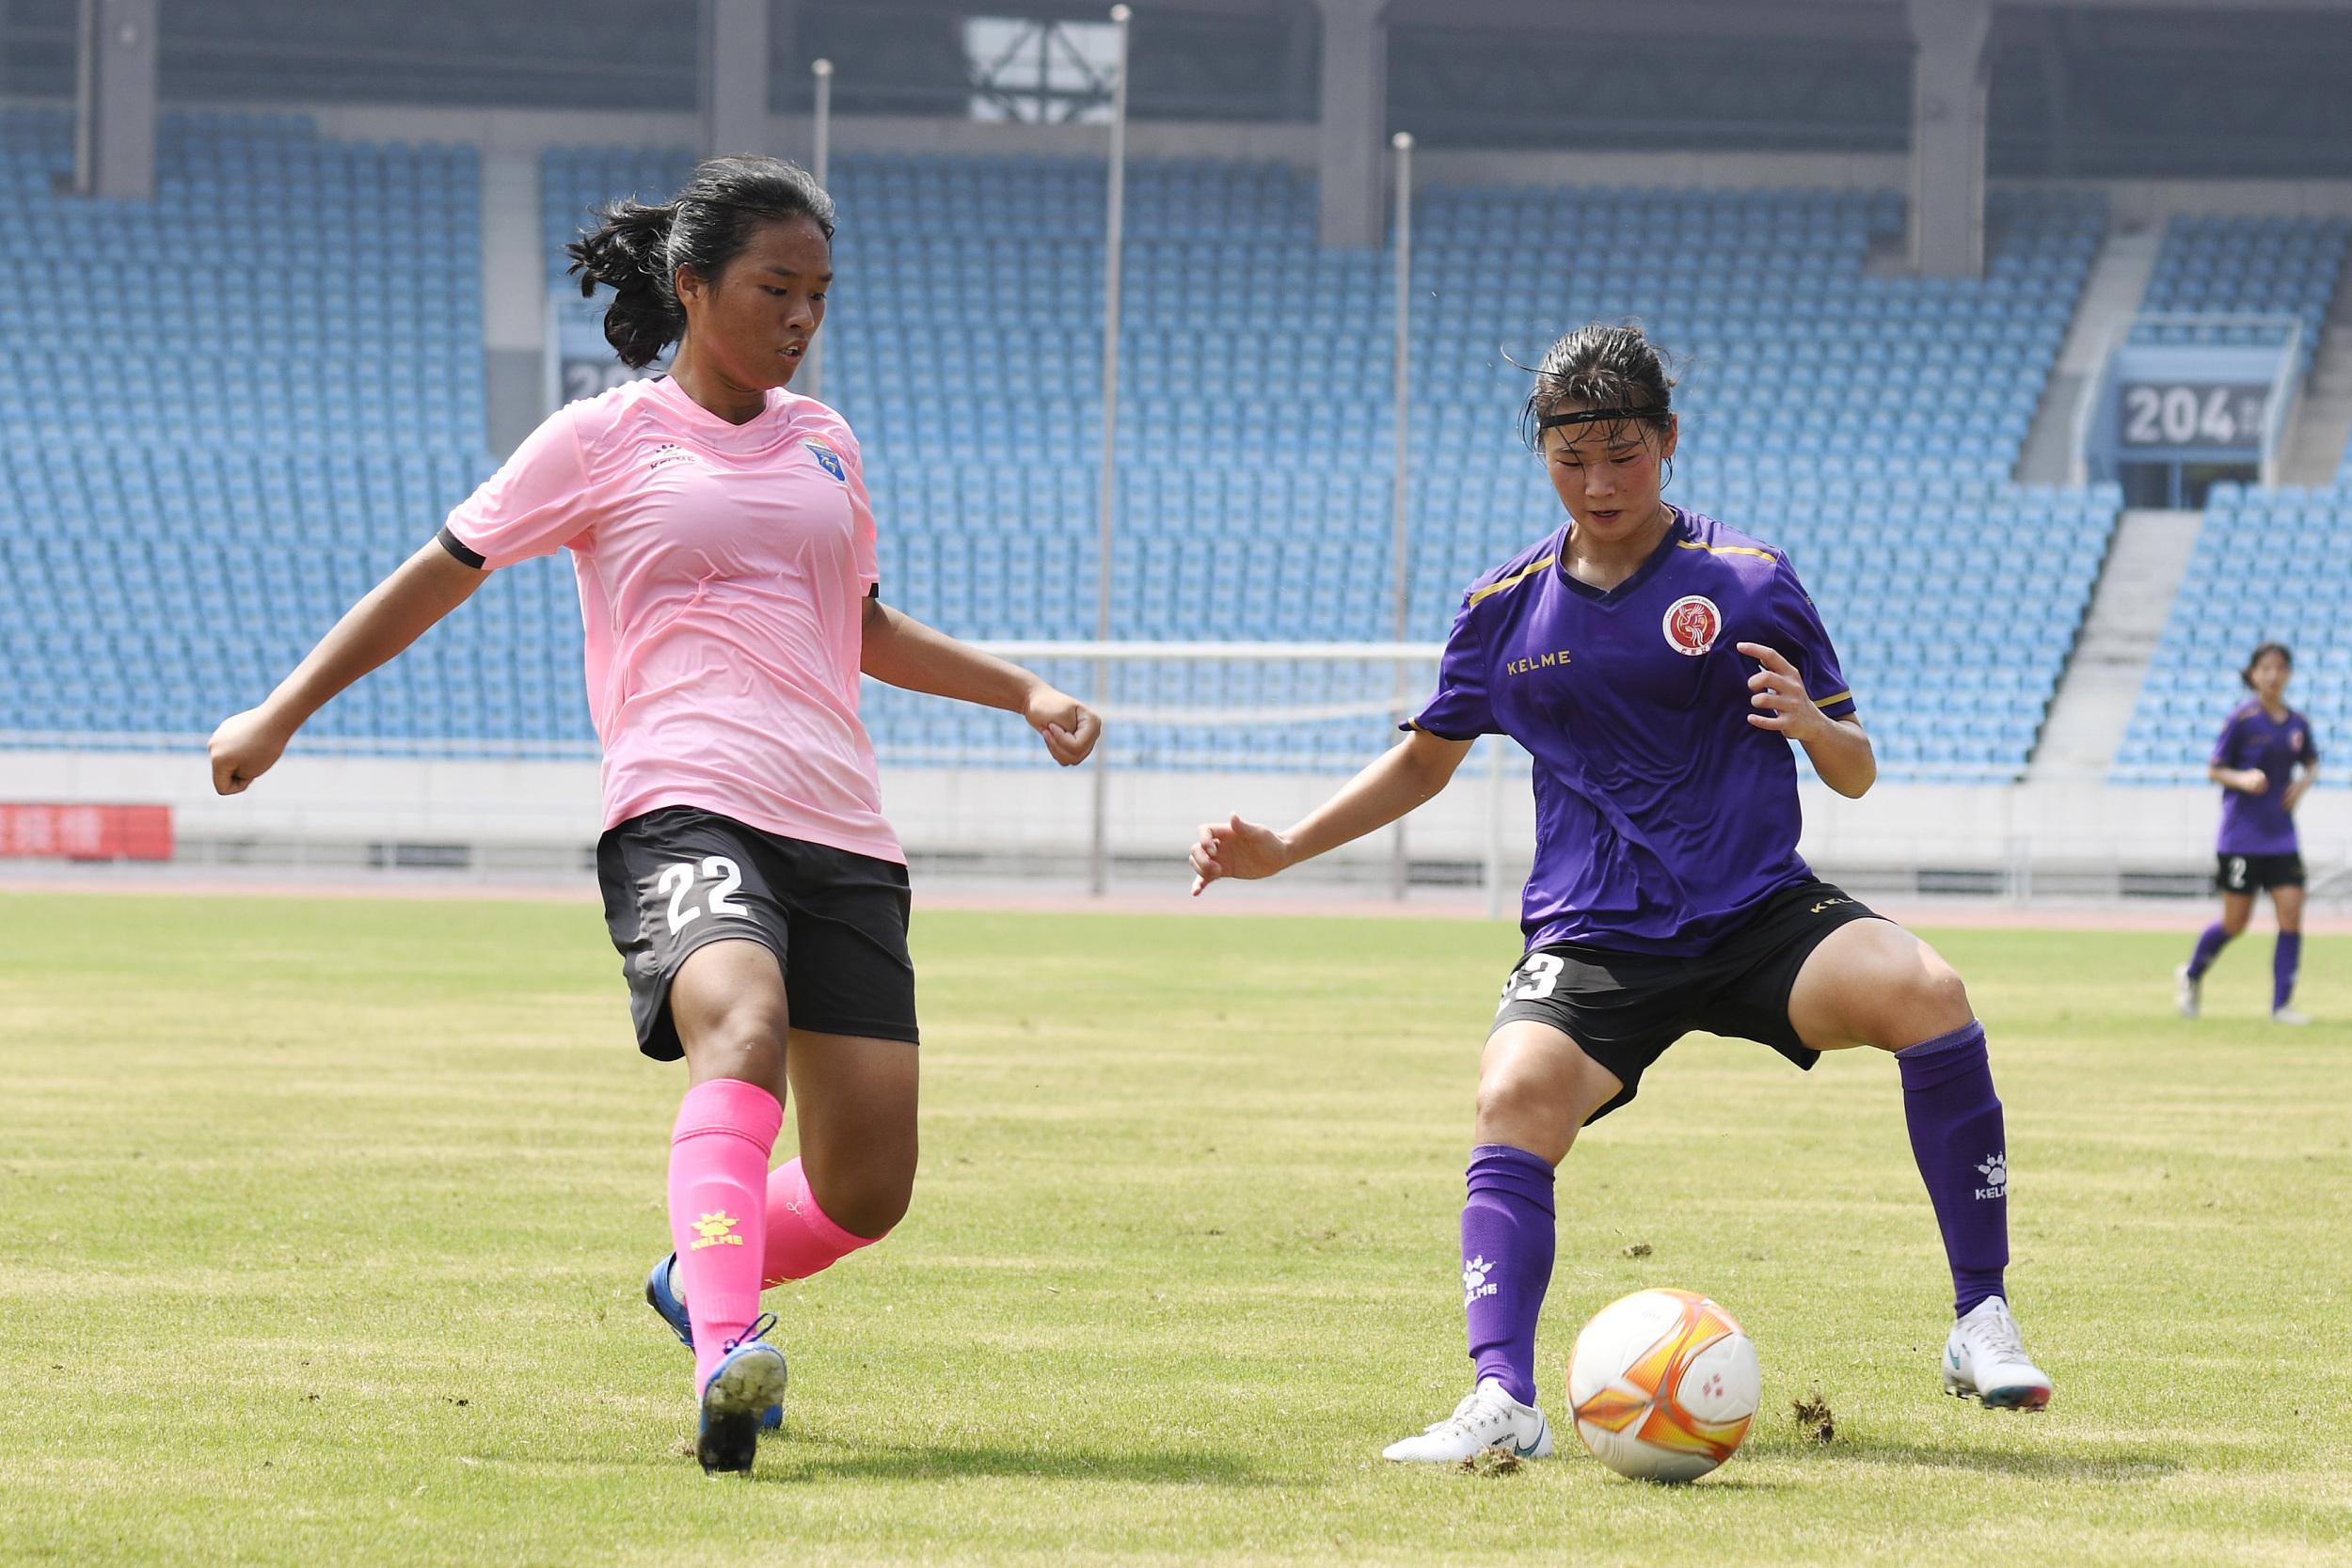 威海:2020年山东省足球锦标赛开赛